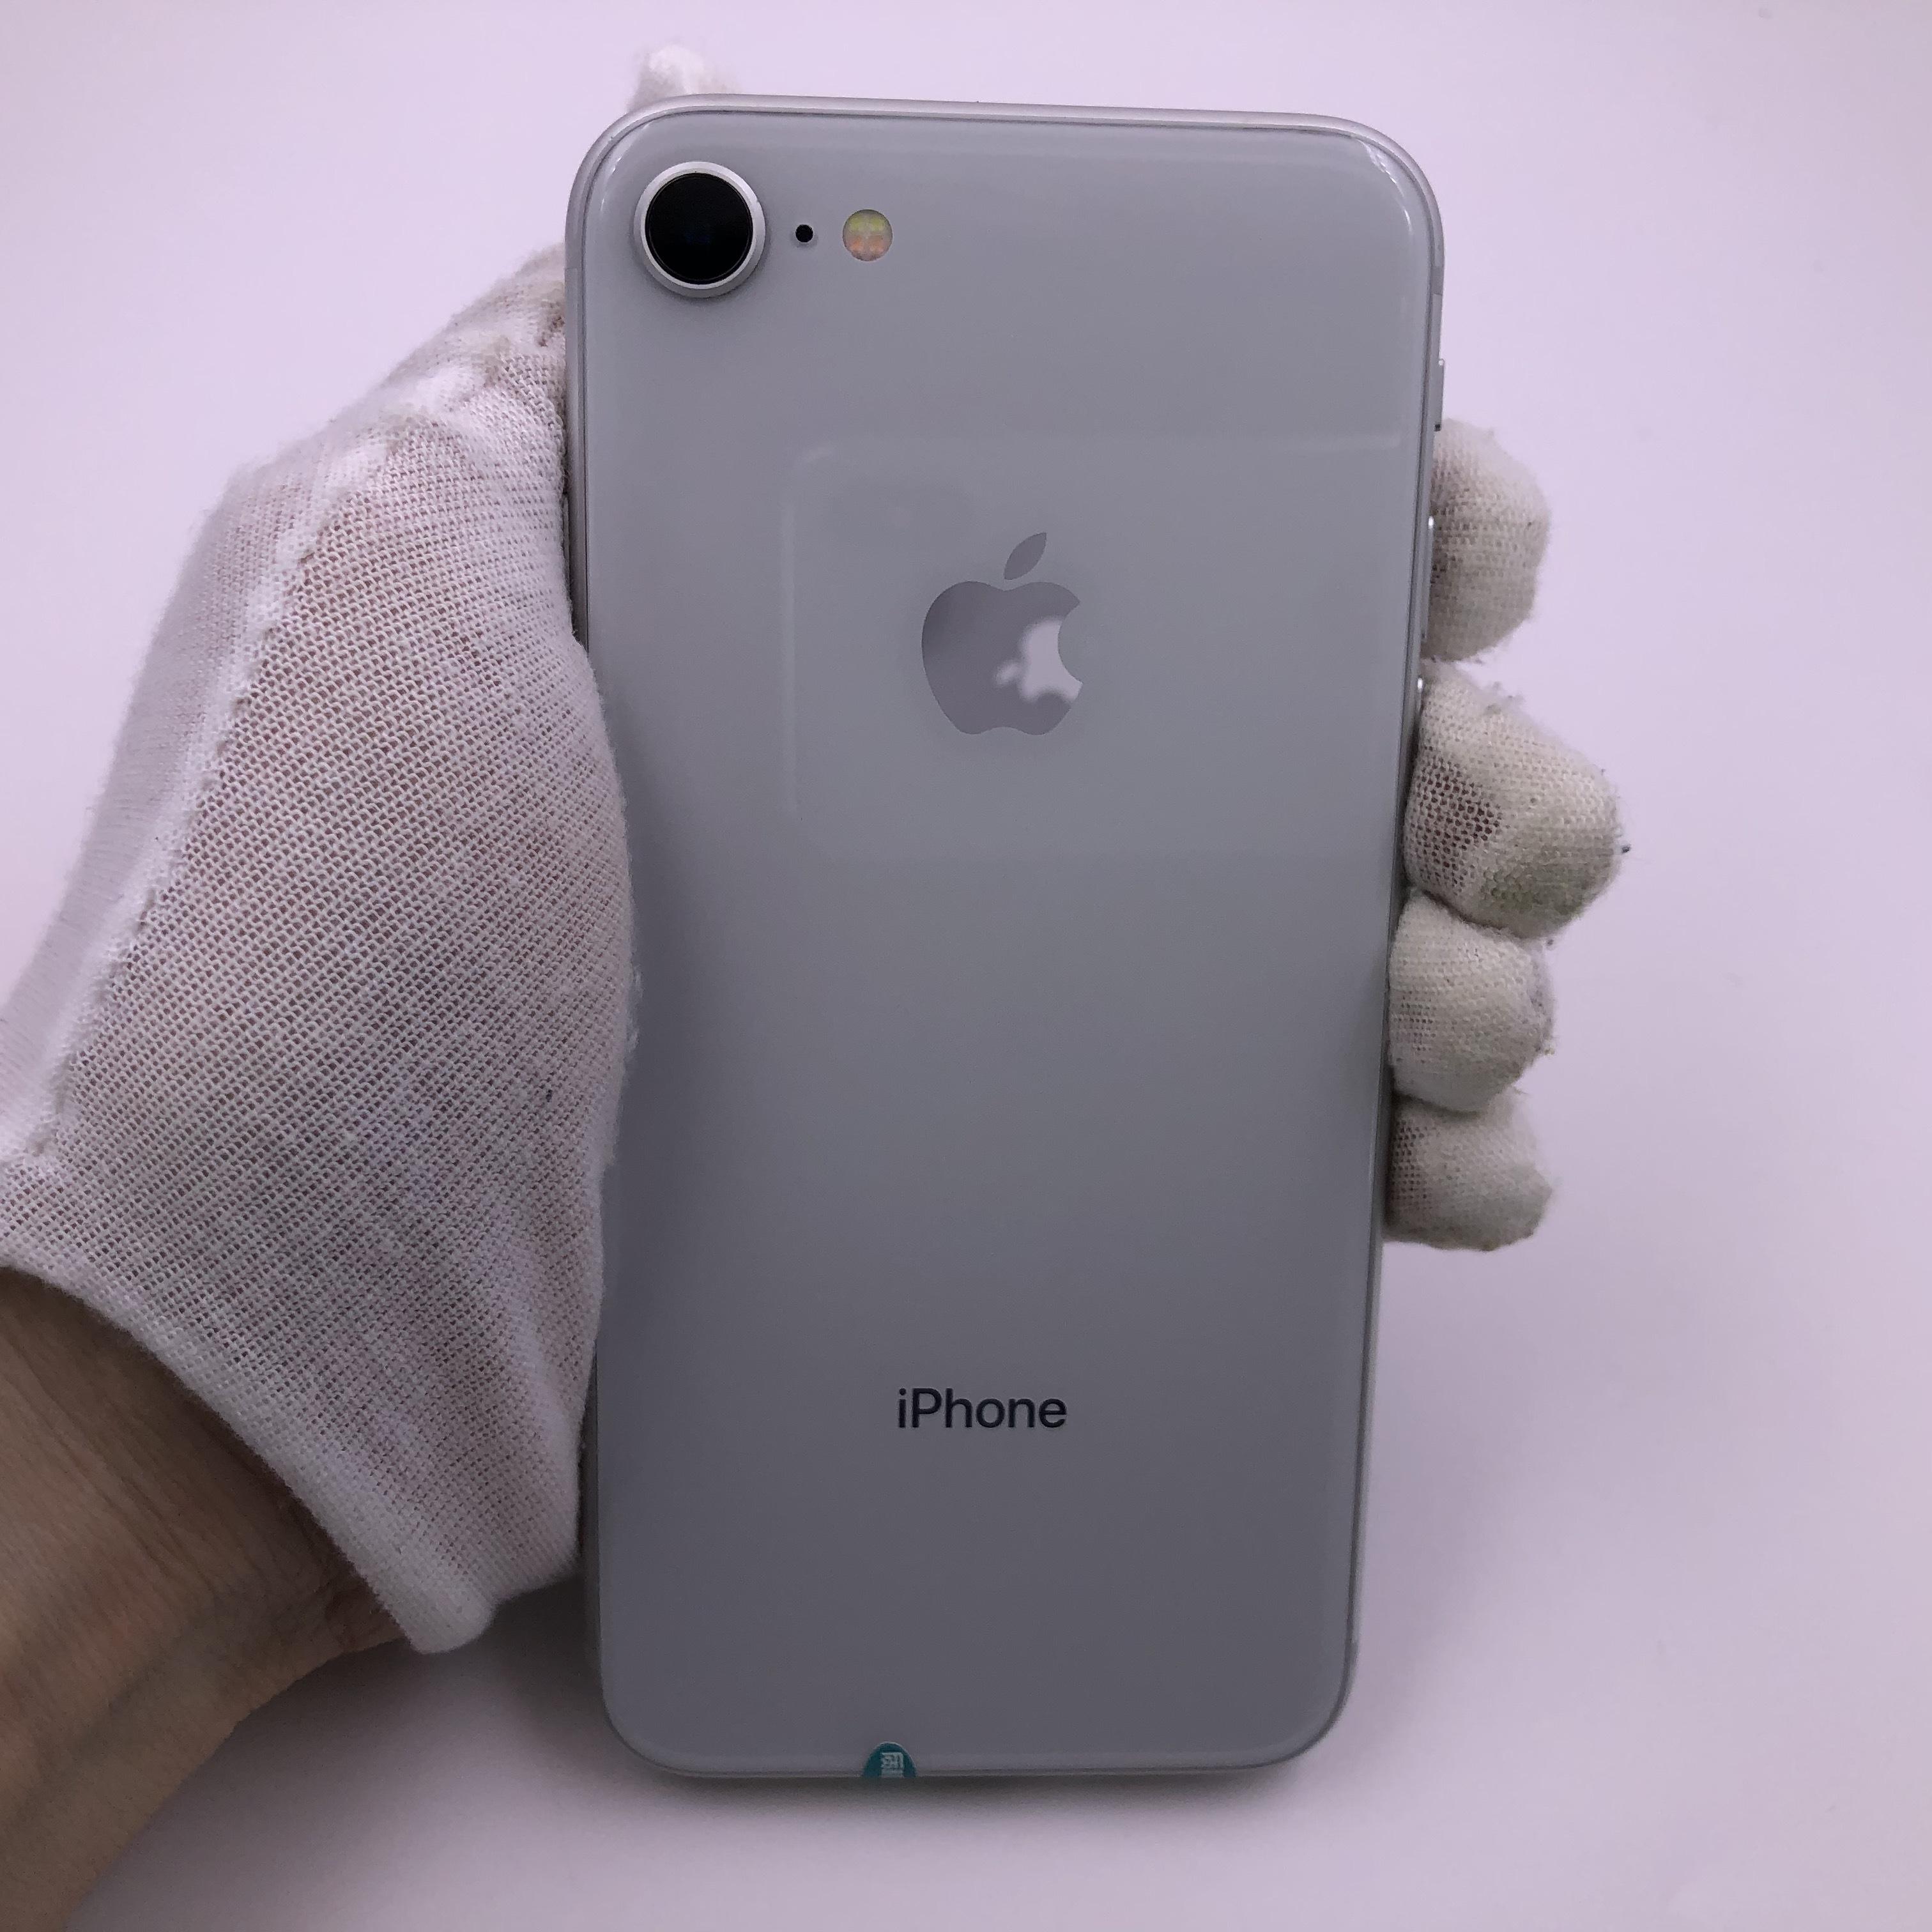 苹果【iPhone 8】4G全网通 银色 64G 国行 9成新